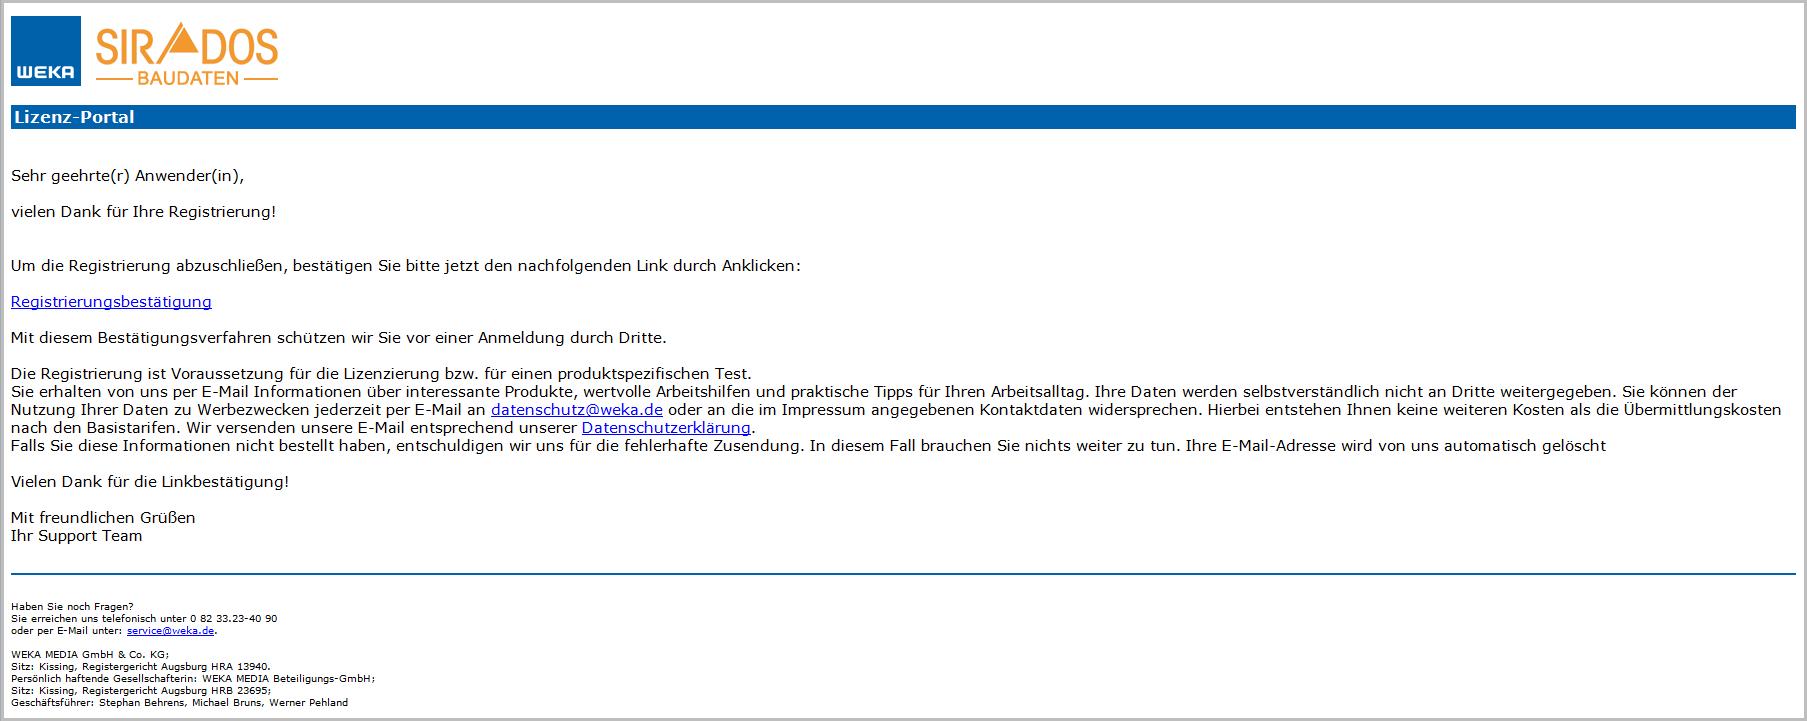 SIRADOS Registrierungsbetätigung Lizenz-Portal